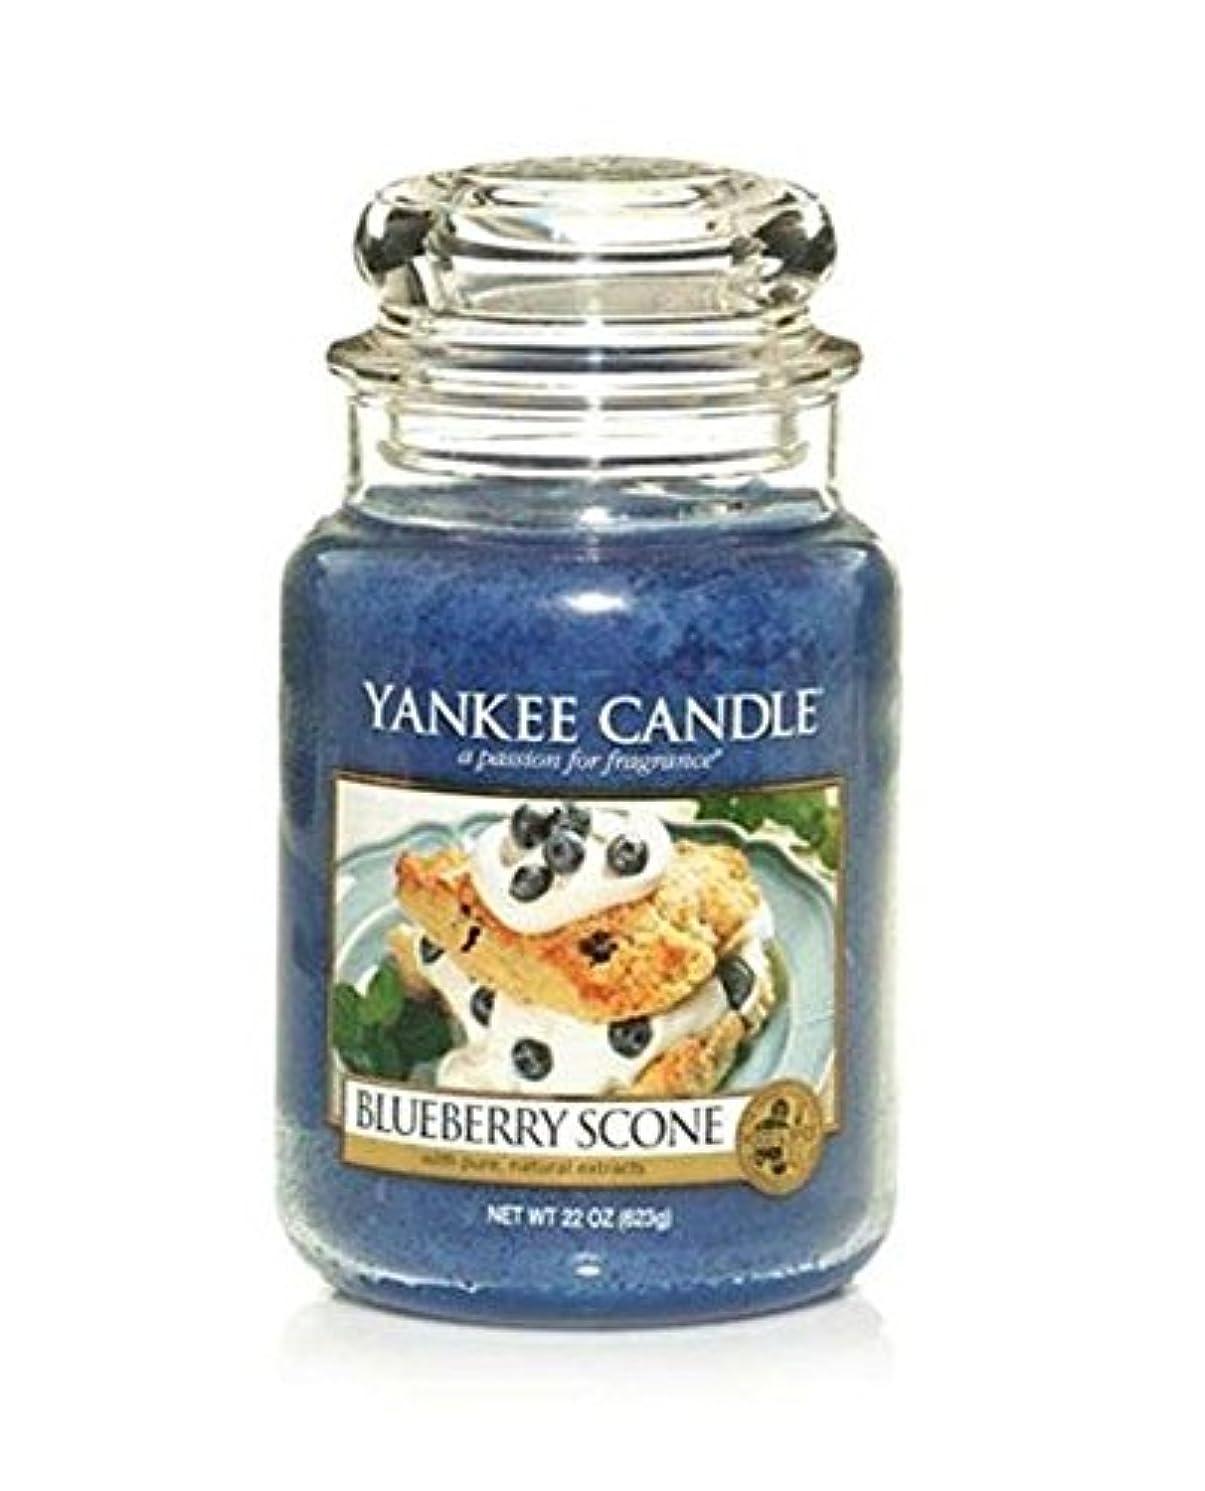 販売員レベル汚染Yankee Candle Blueberry Scone Large Jar